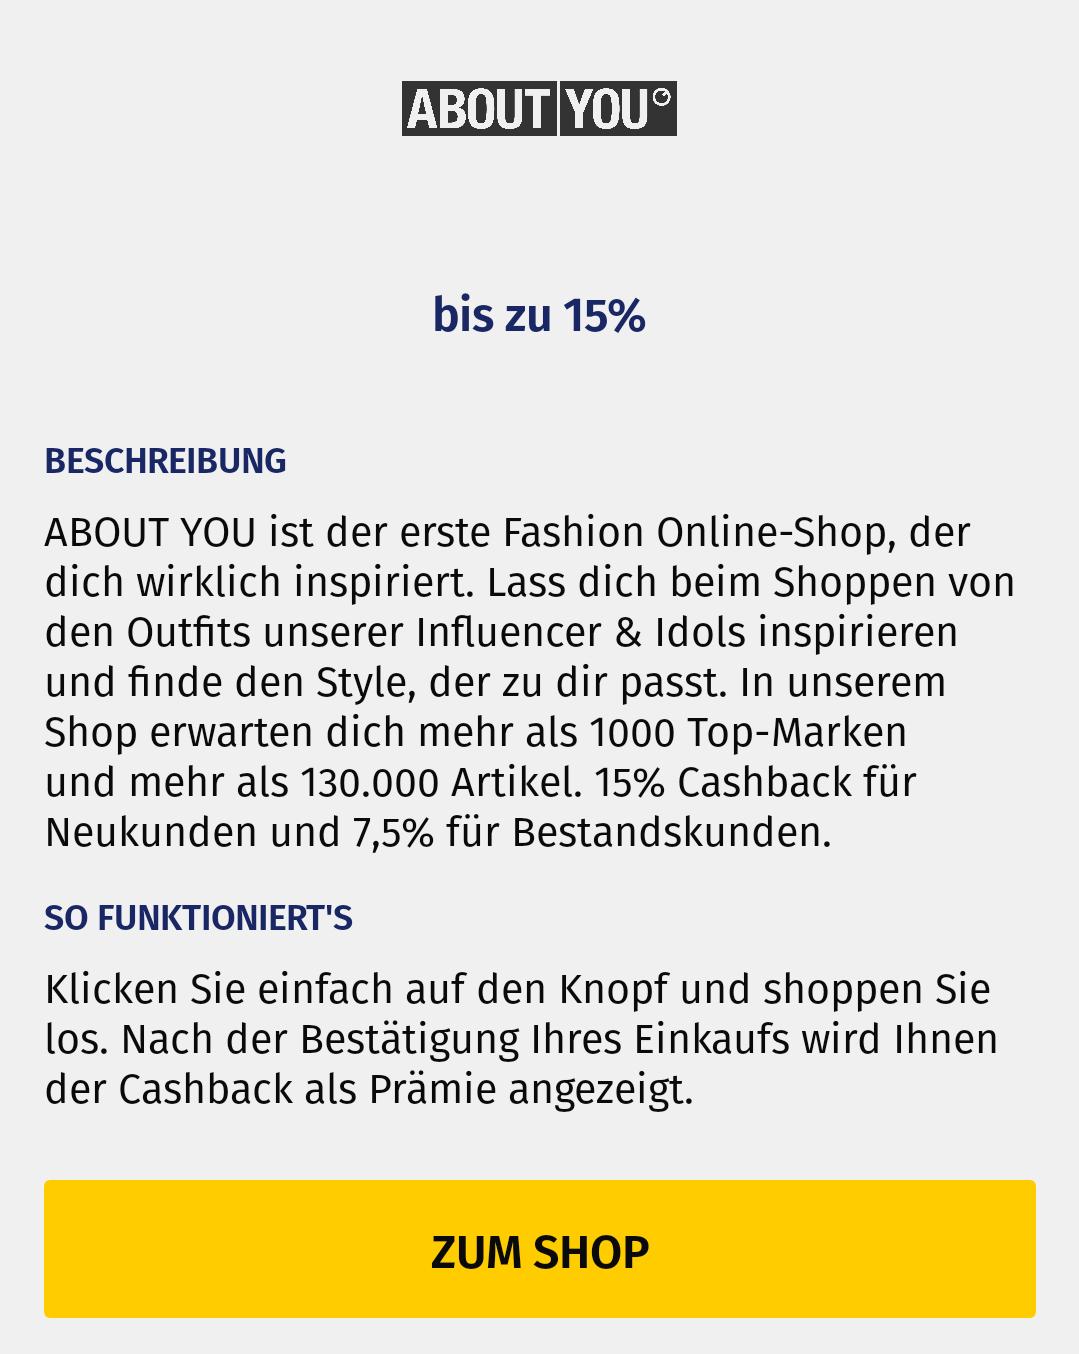 [About You/Geldspeicher] 15% Cashback für Neu- und 7,5% für Bestandskunden